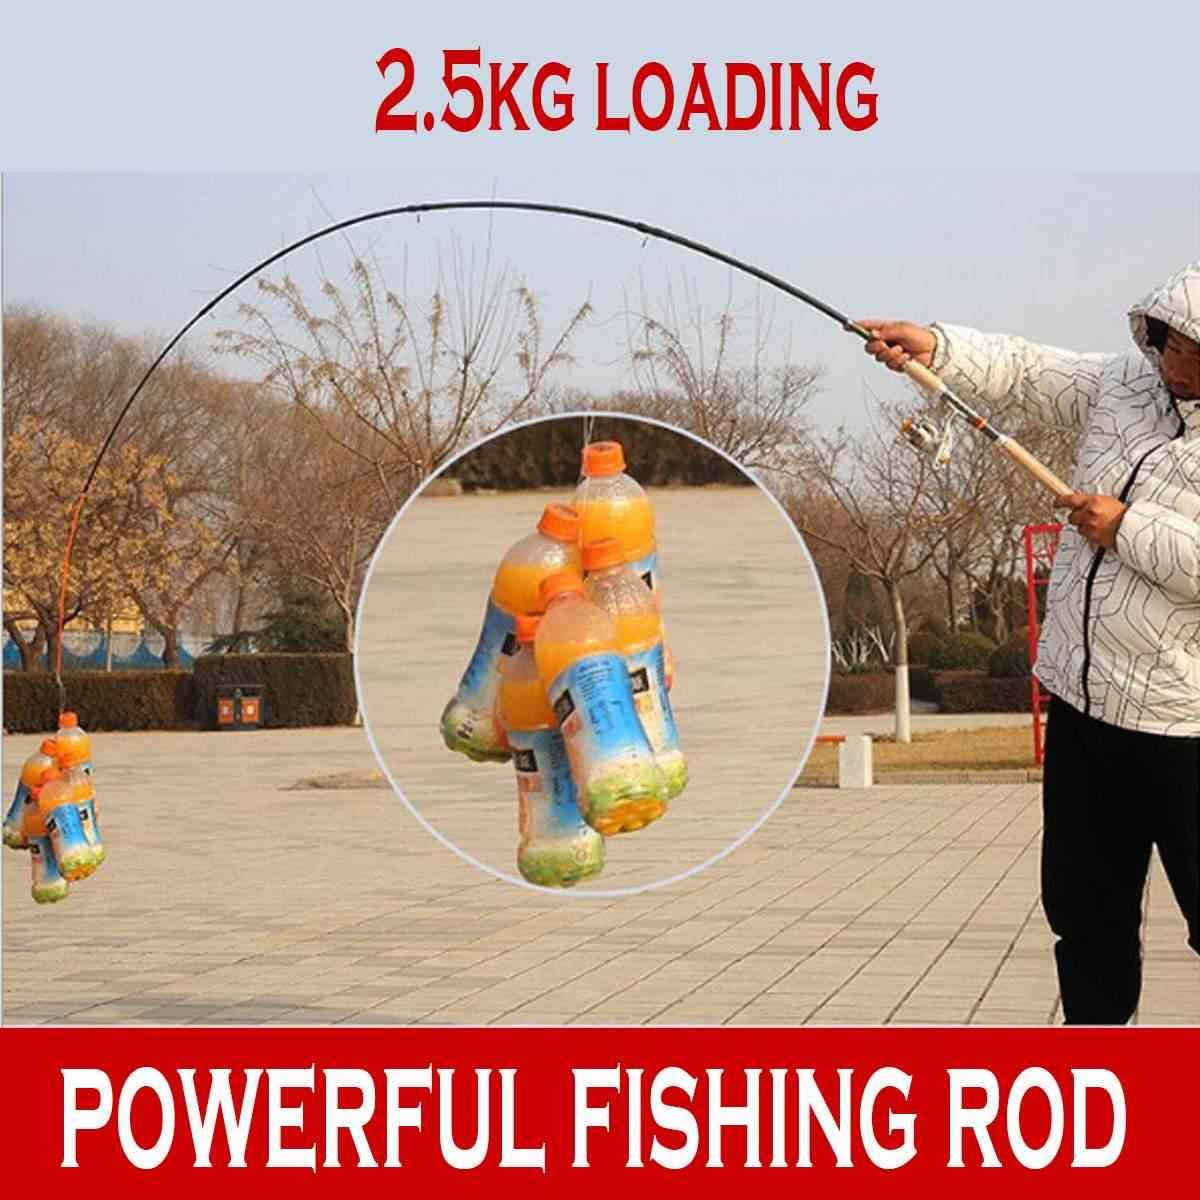 2,4m 3,0m 3,6m Casting Spinning Angelrute Tragbare Teleskop Reiserute f/ür Kajak Fishing Salzwasser alle Arten von mittelgro/ßen und gro/ßen Fischen 2,7m 2,1m